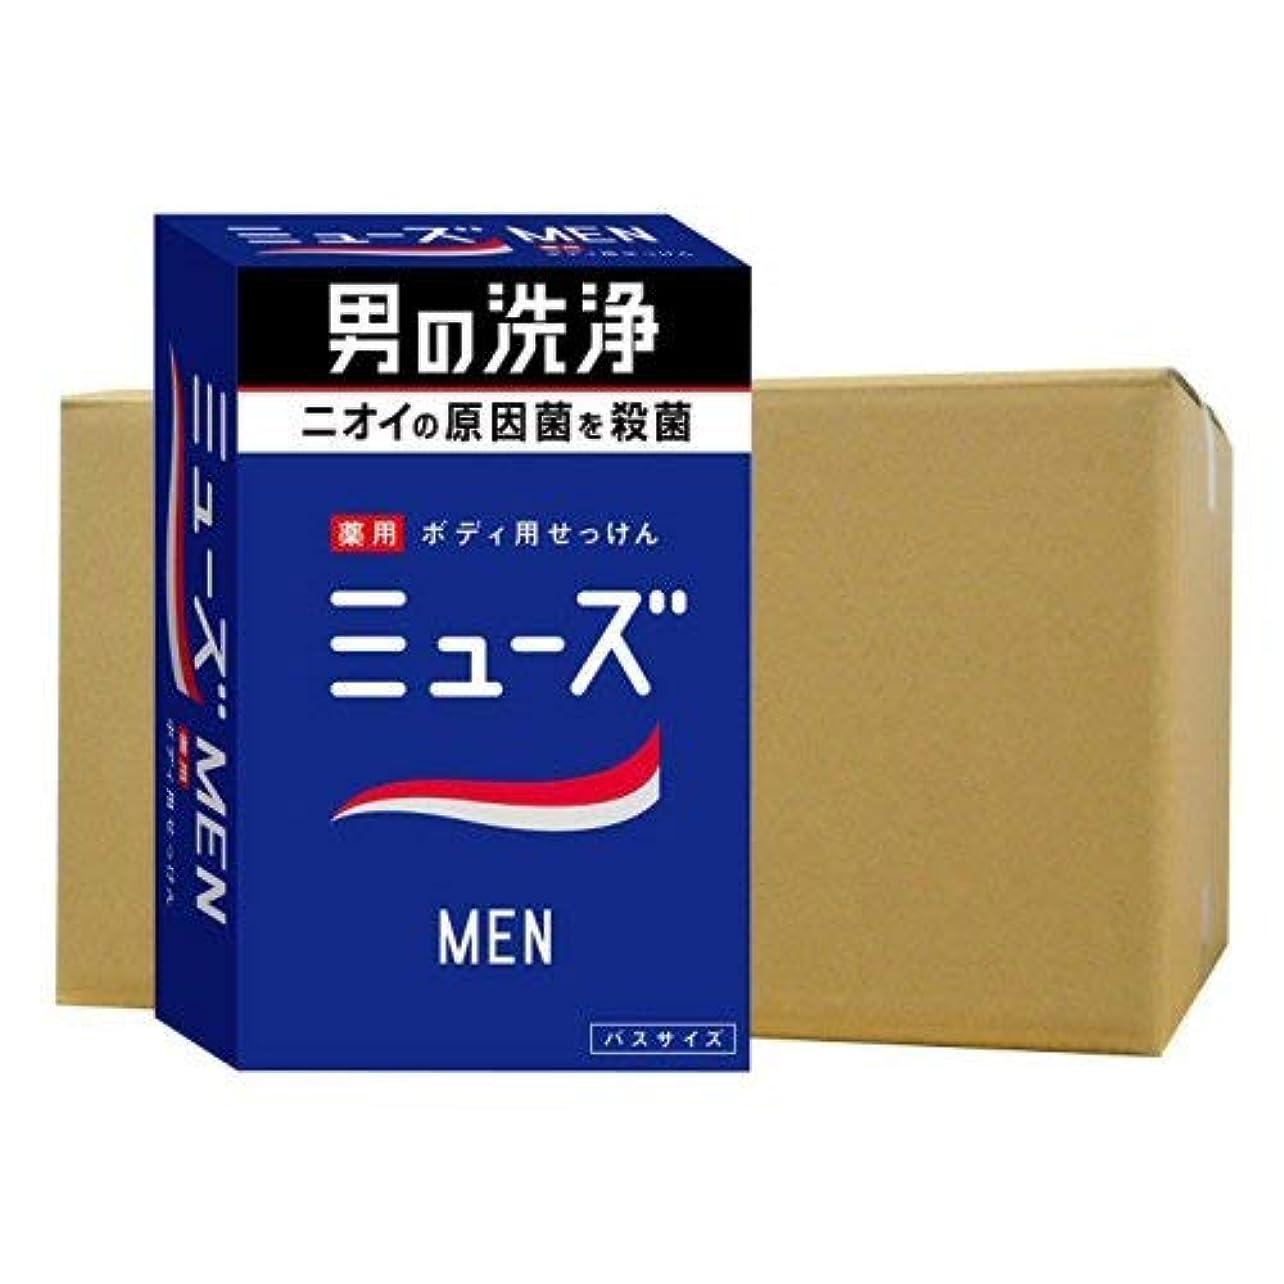 倉庫圧縮するルートミューズメン薬用石鹸 135g×24個セット